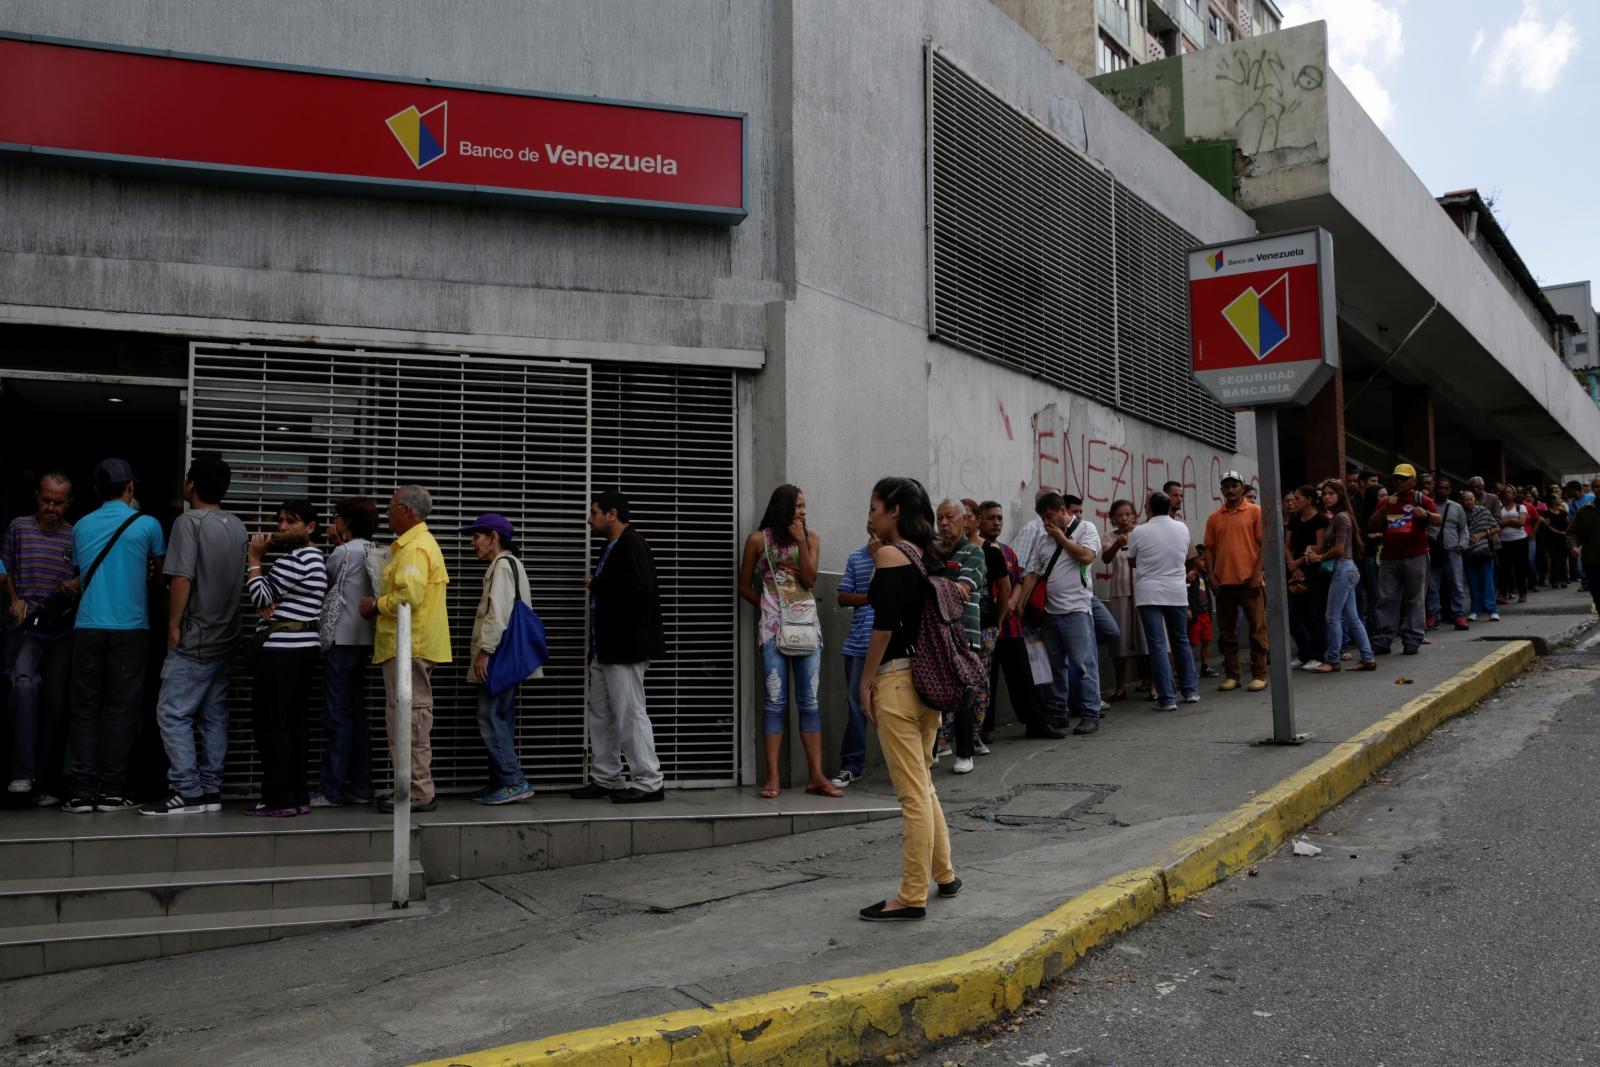 Venezuela demonetisation